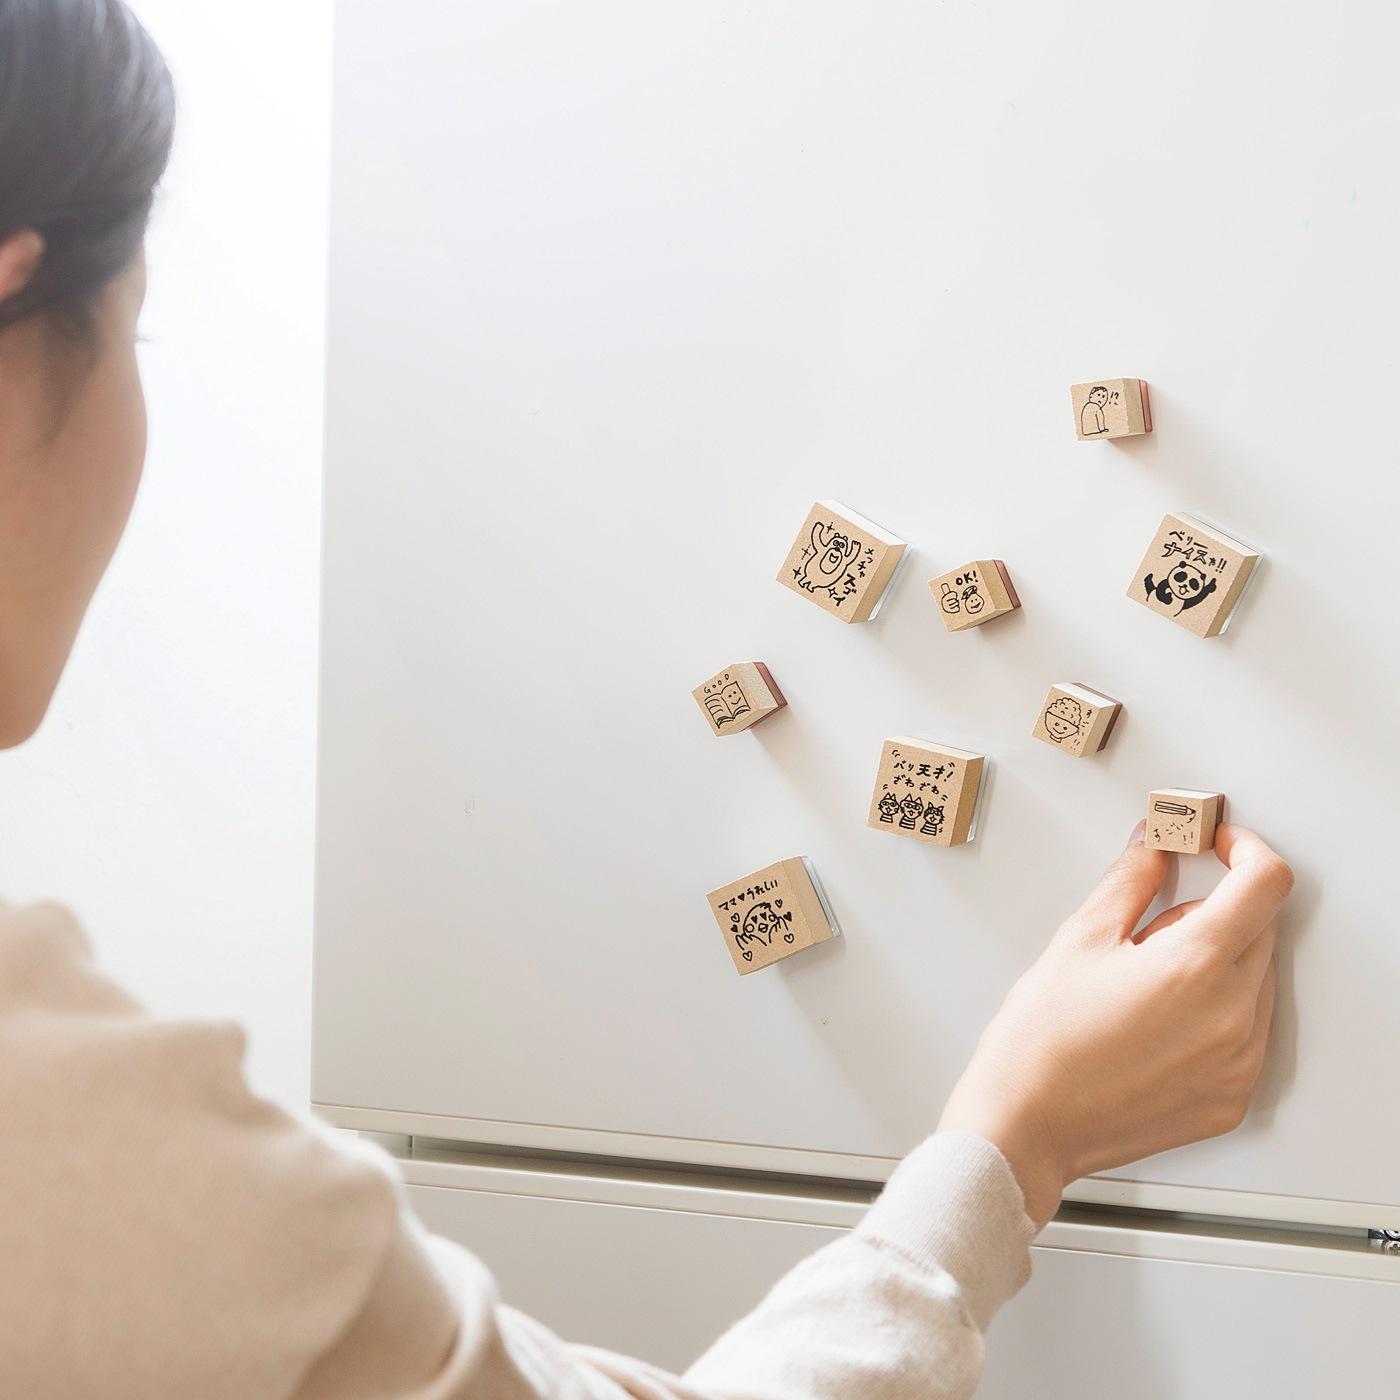 冷蔵庫でスタンバイさせておけば使うときにさっと取り出し!